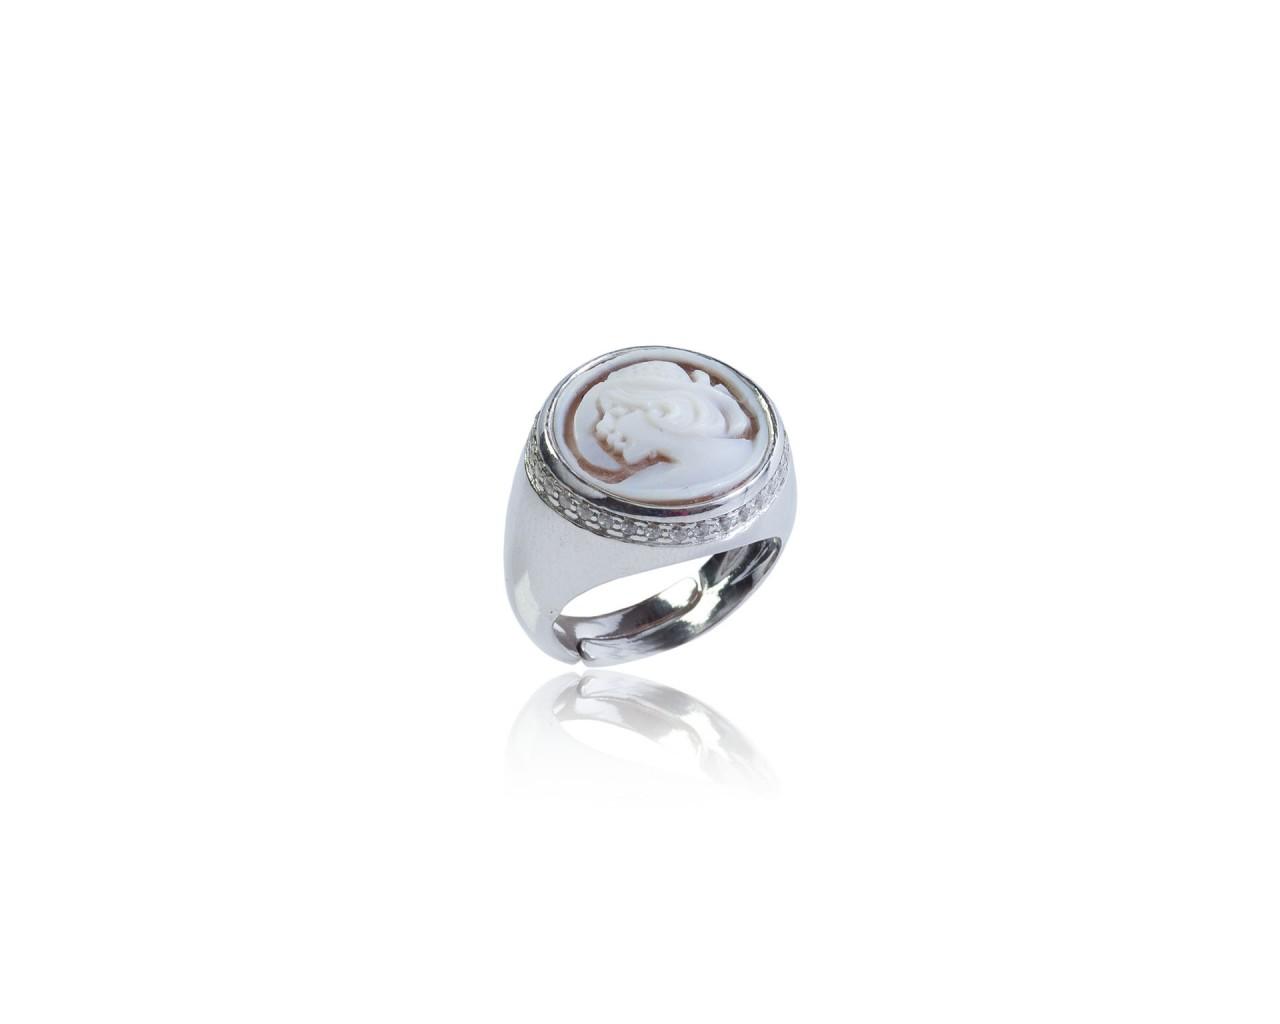 Anello in argento 925 con finitura rodiata,zirconi naturali e un cammeo in forma tonda